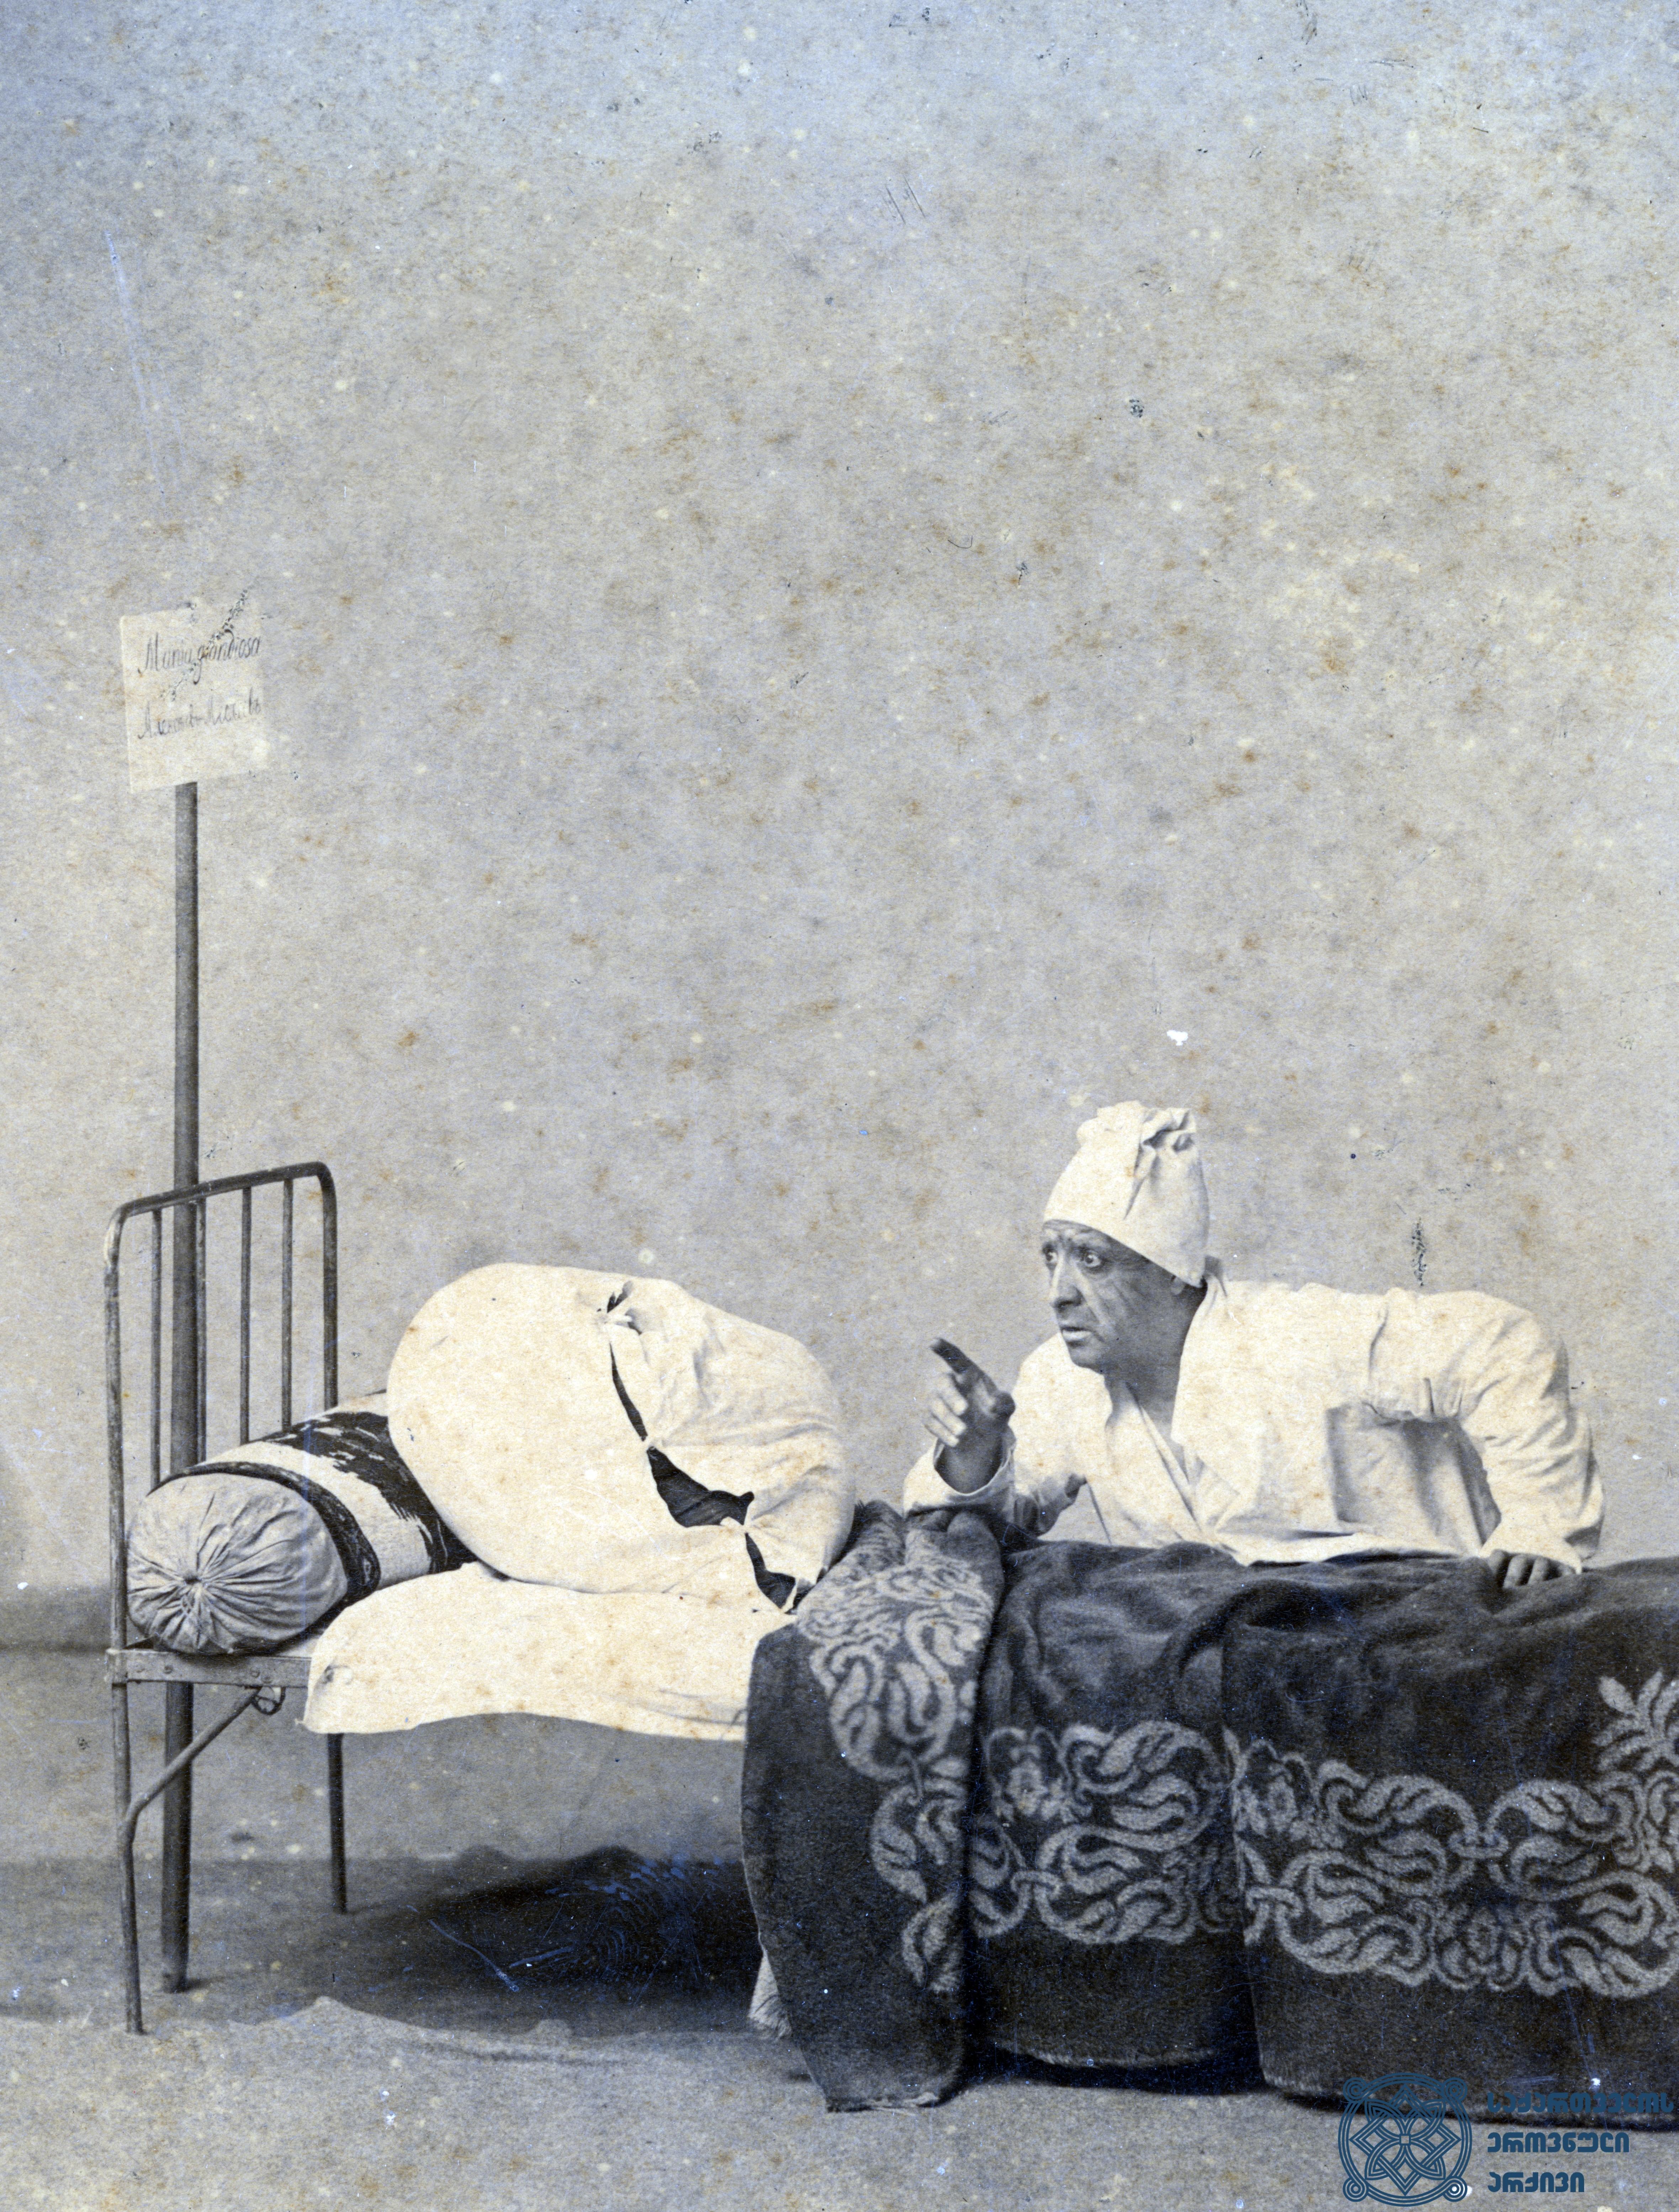 """სპექტაკლი """"შეშლილის  წერილები"""". მსახიობი ლადო მესხიშვილი როლში. <br> აბრამ ნორდშტეინის ფოტო. ქუთაისი, 1897-1906 წლები. <br> The performance """"Sheshlilis Tserilebi"""" (""""Mad's Letters""""). Actor Lado Meskhishvili in the role.<br> Photo by Abram Nordstein. Kutaisi, 1897-1906."""